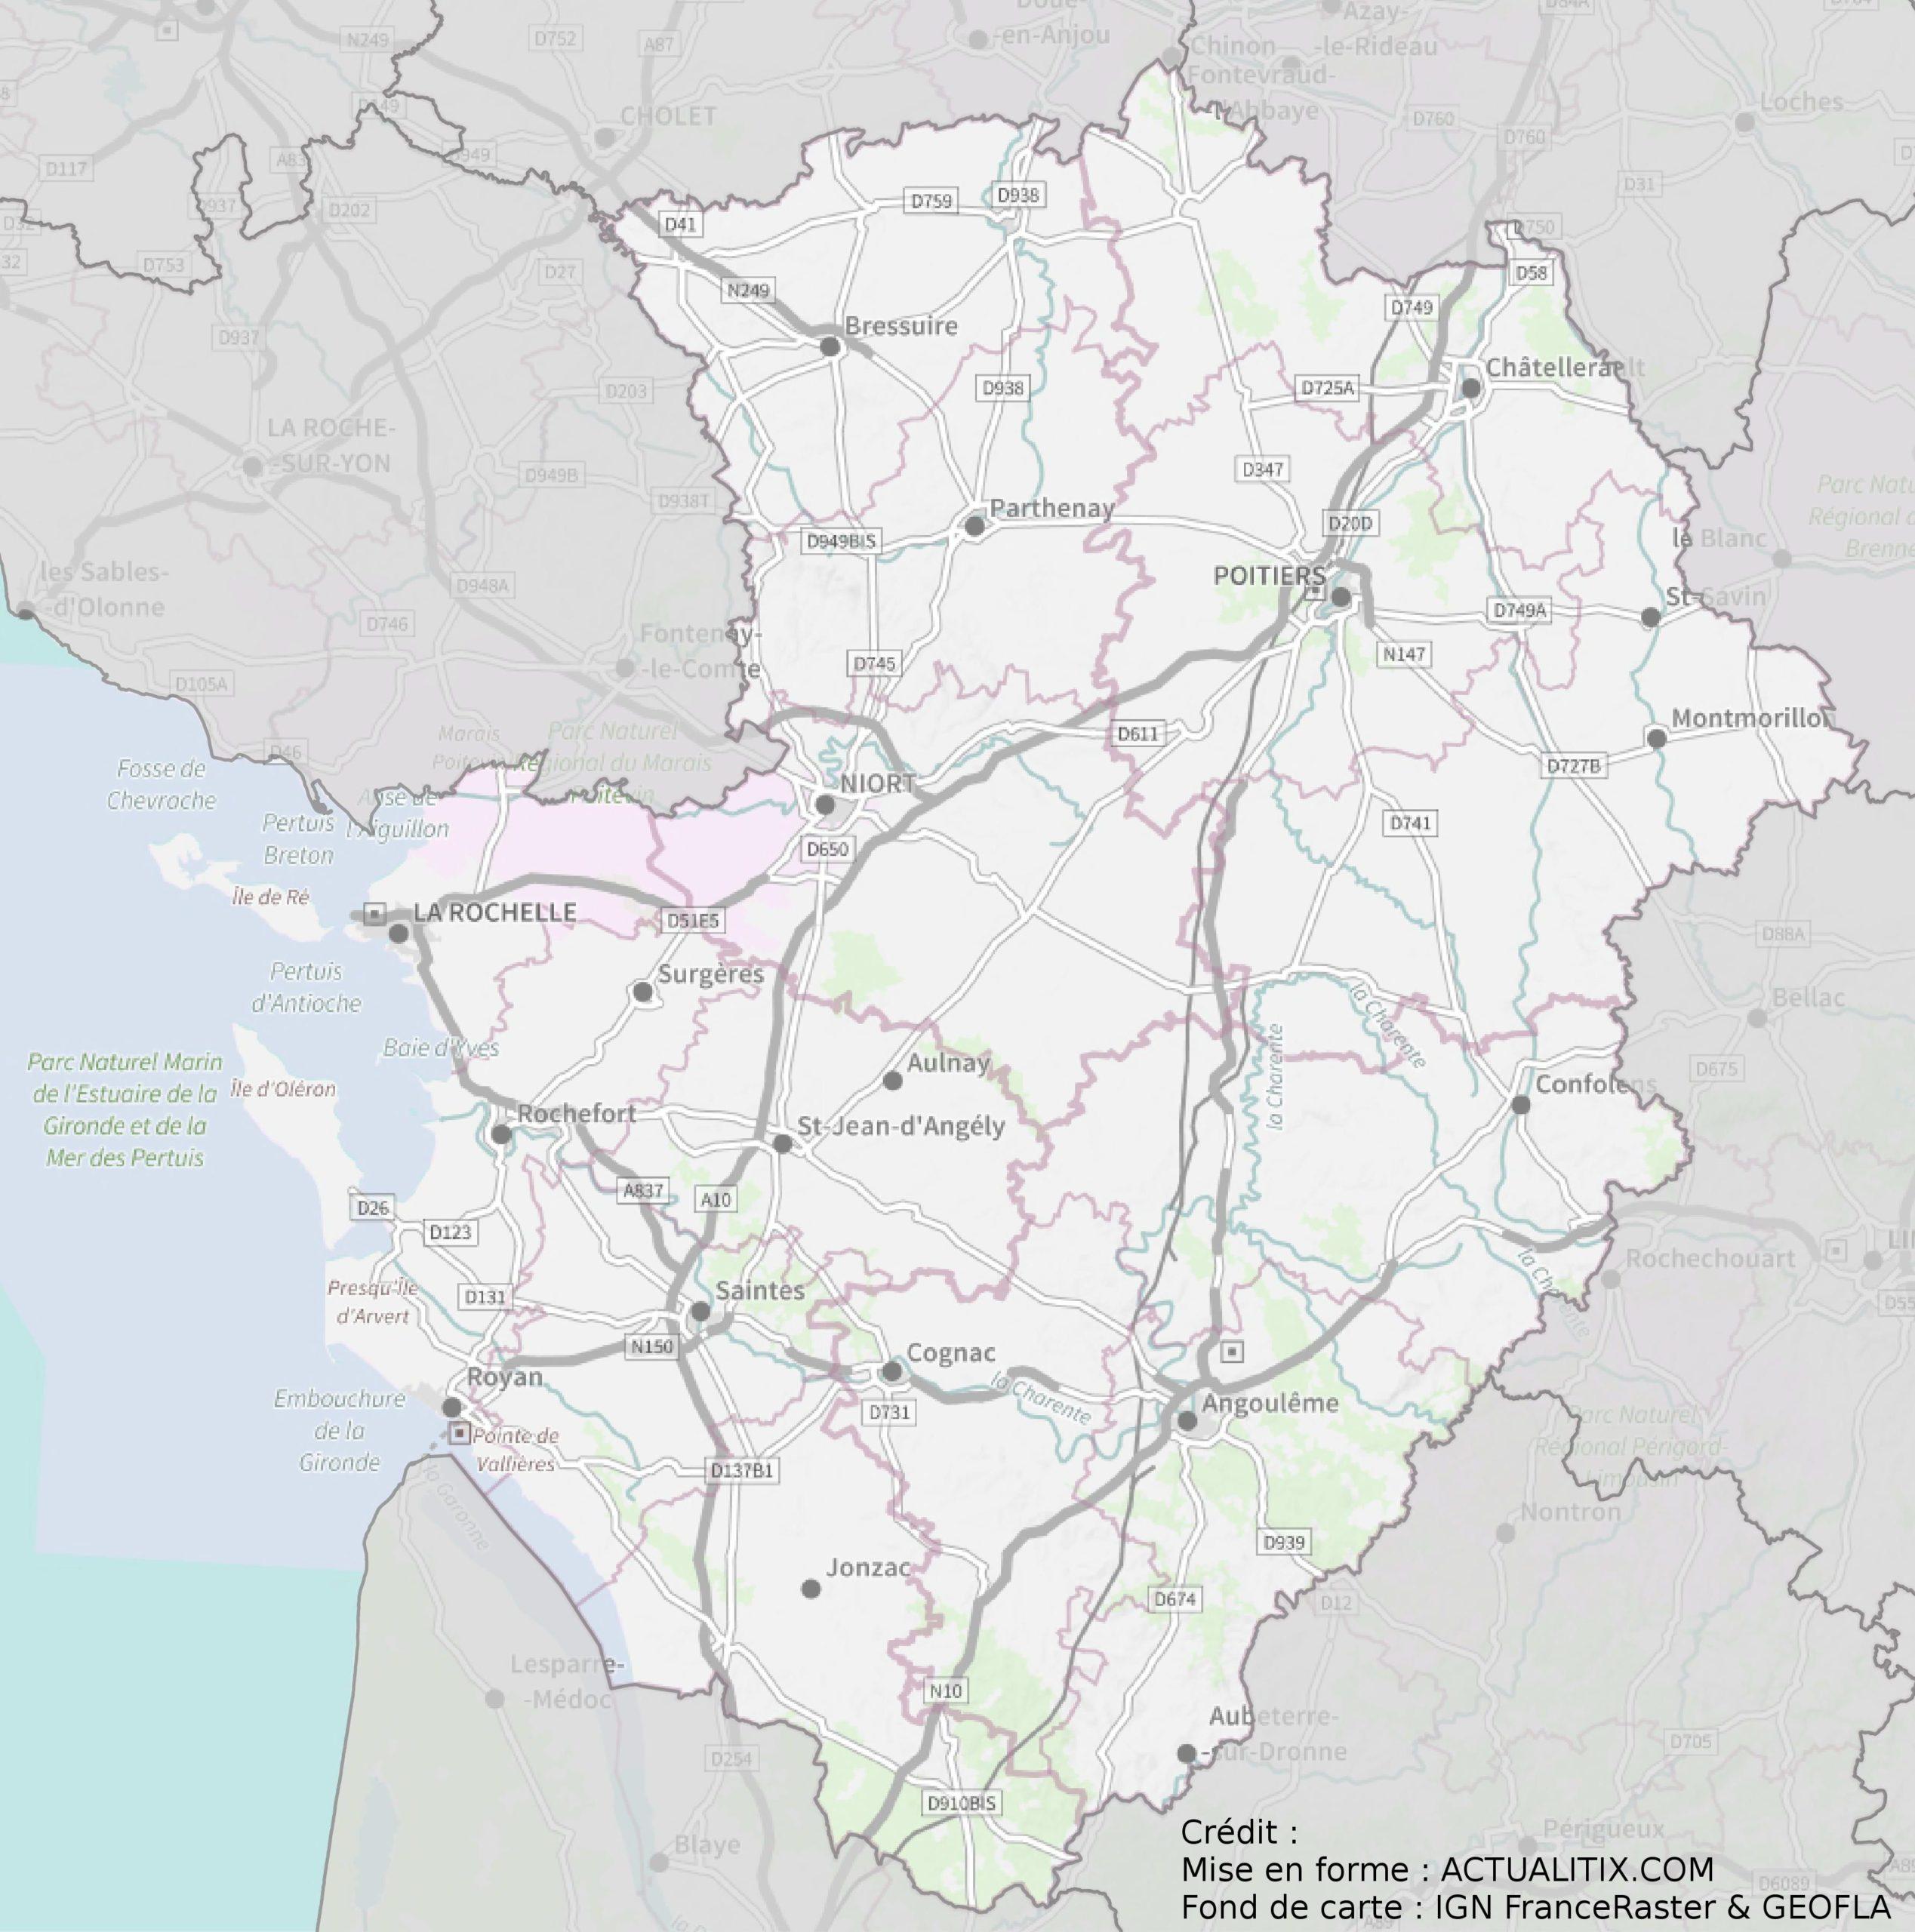 Carte du Poitou-Charentes - Plusieurs cartes de la région ...